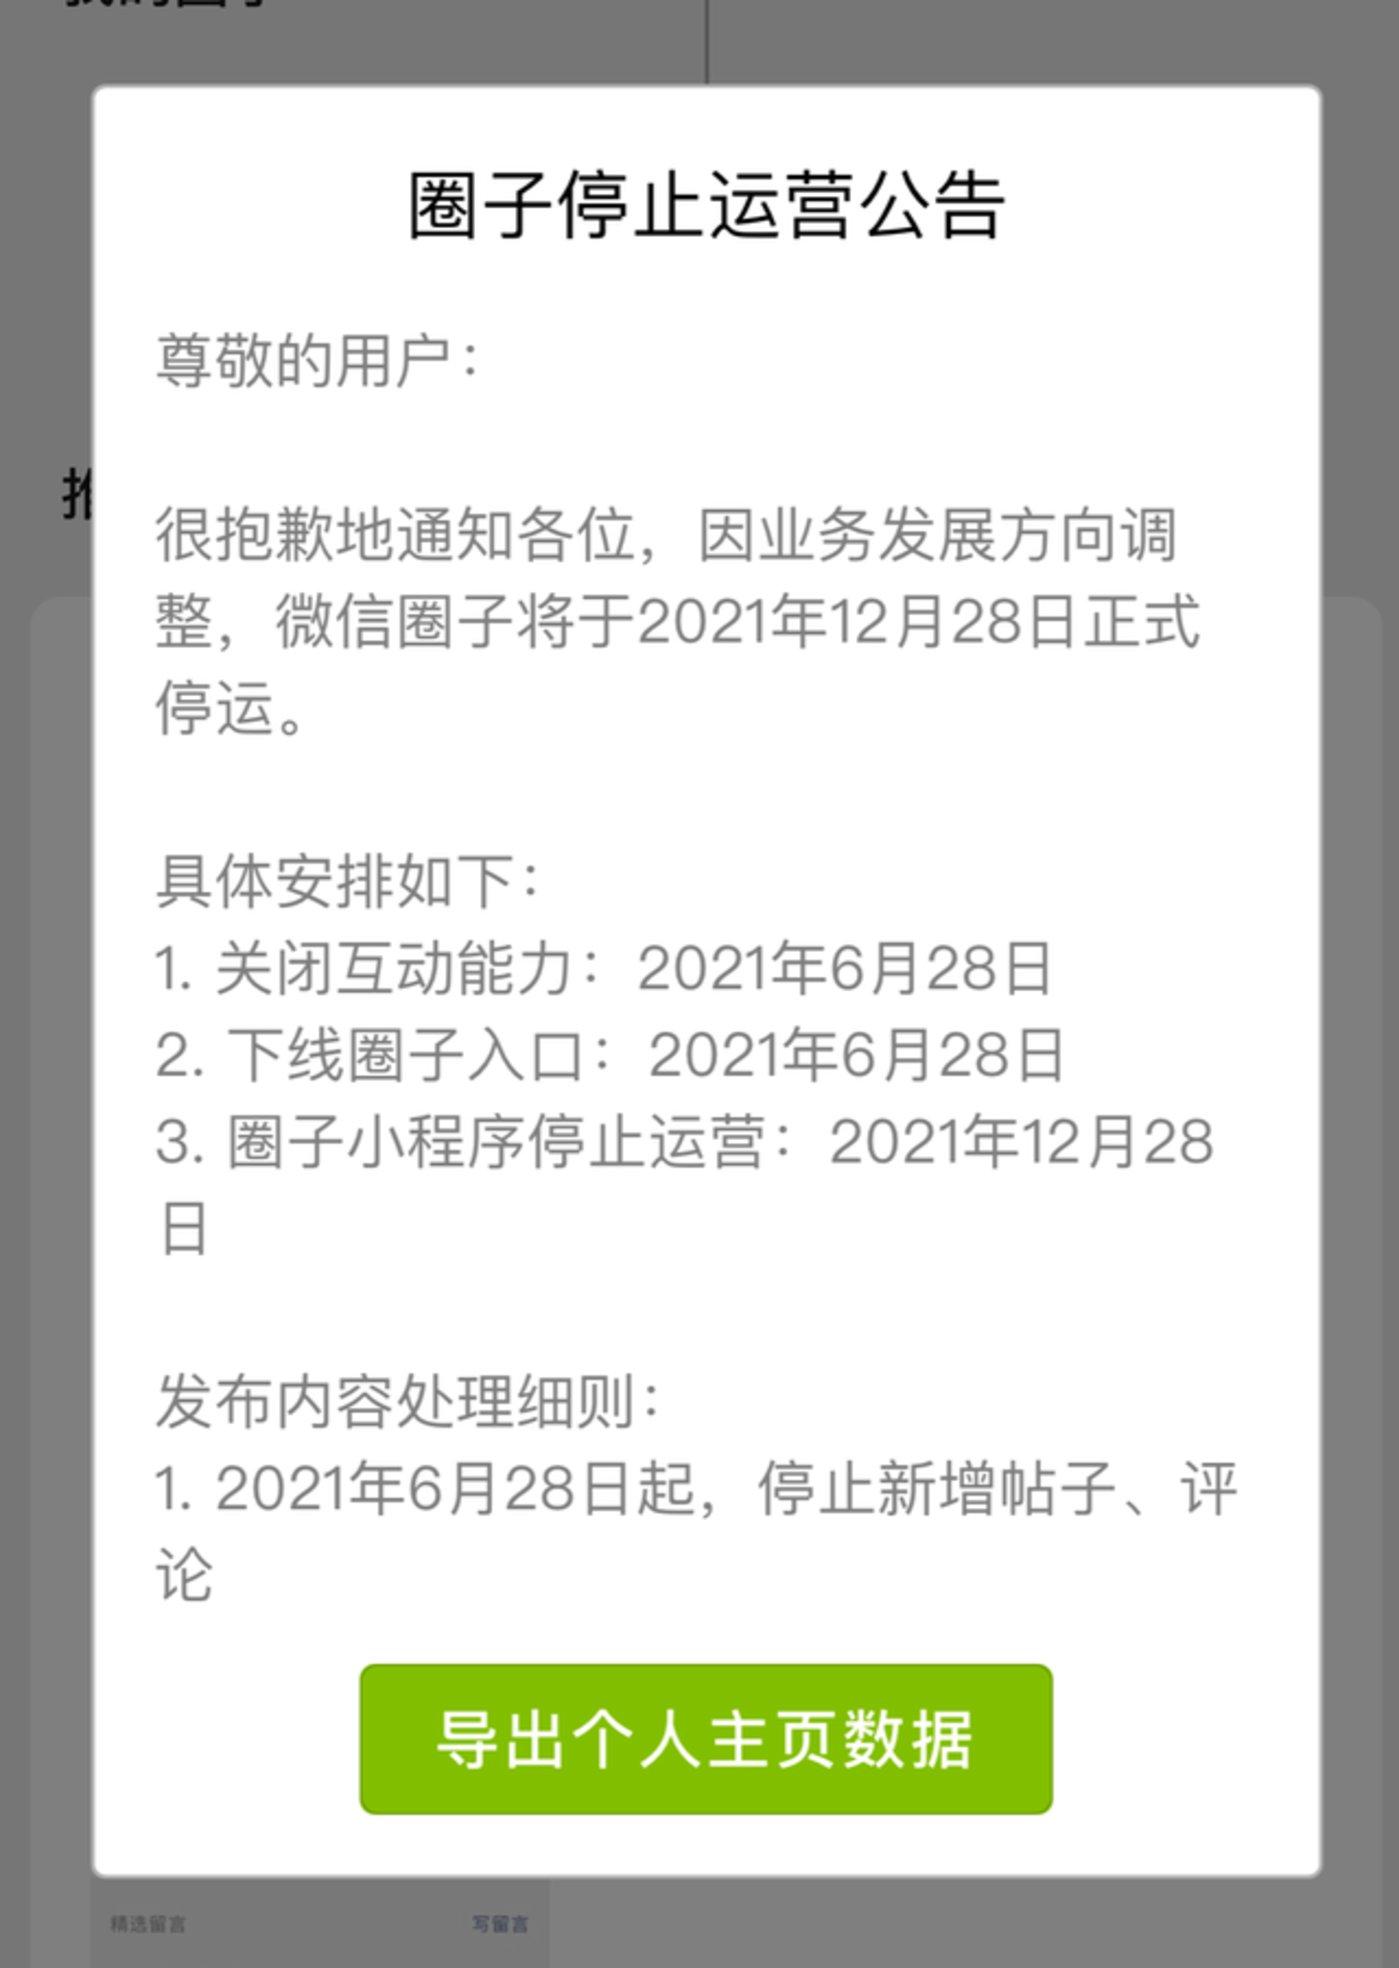 微信圈子宣布停运